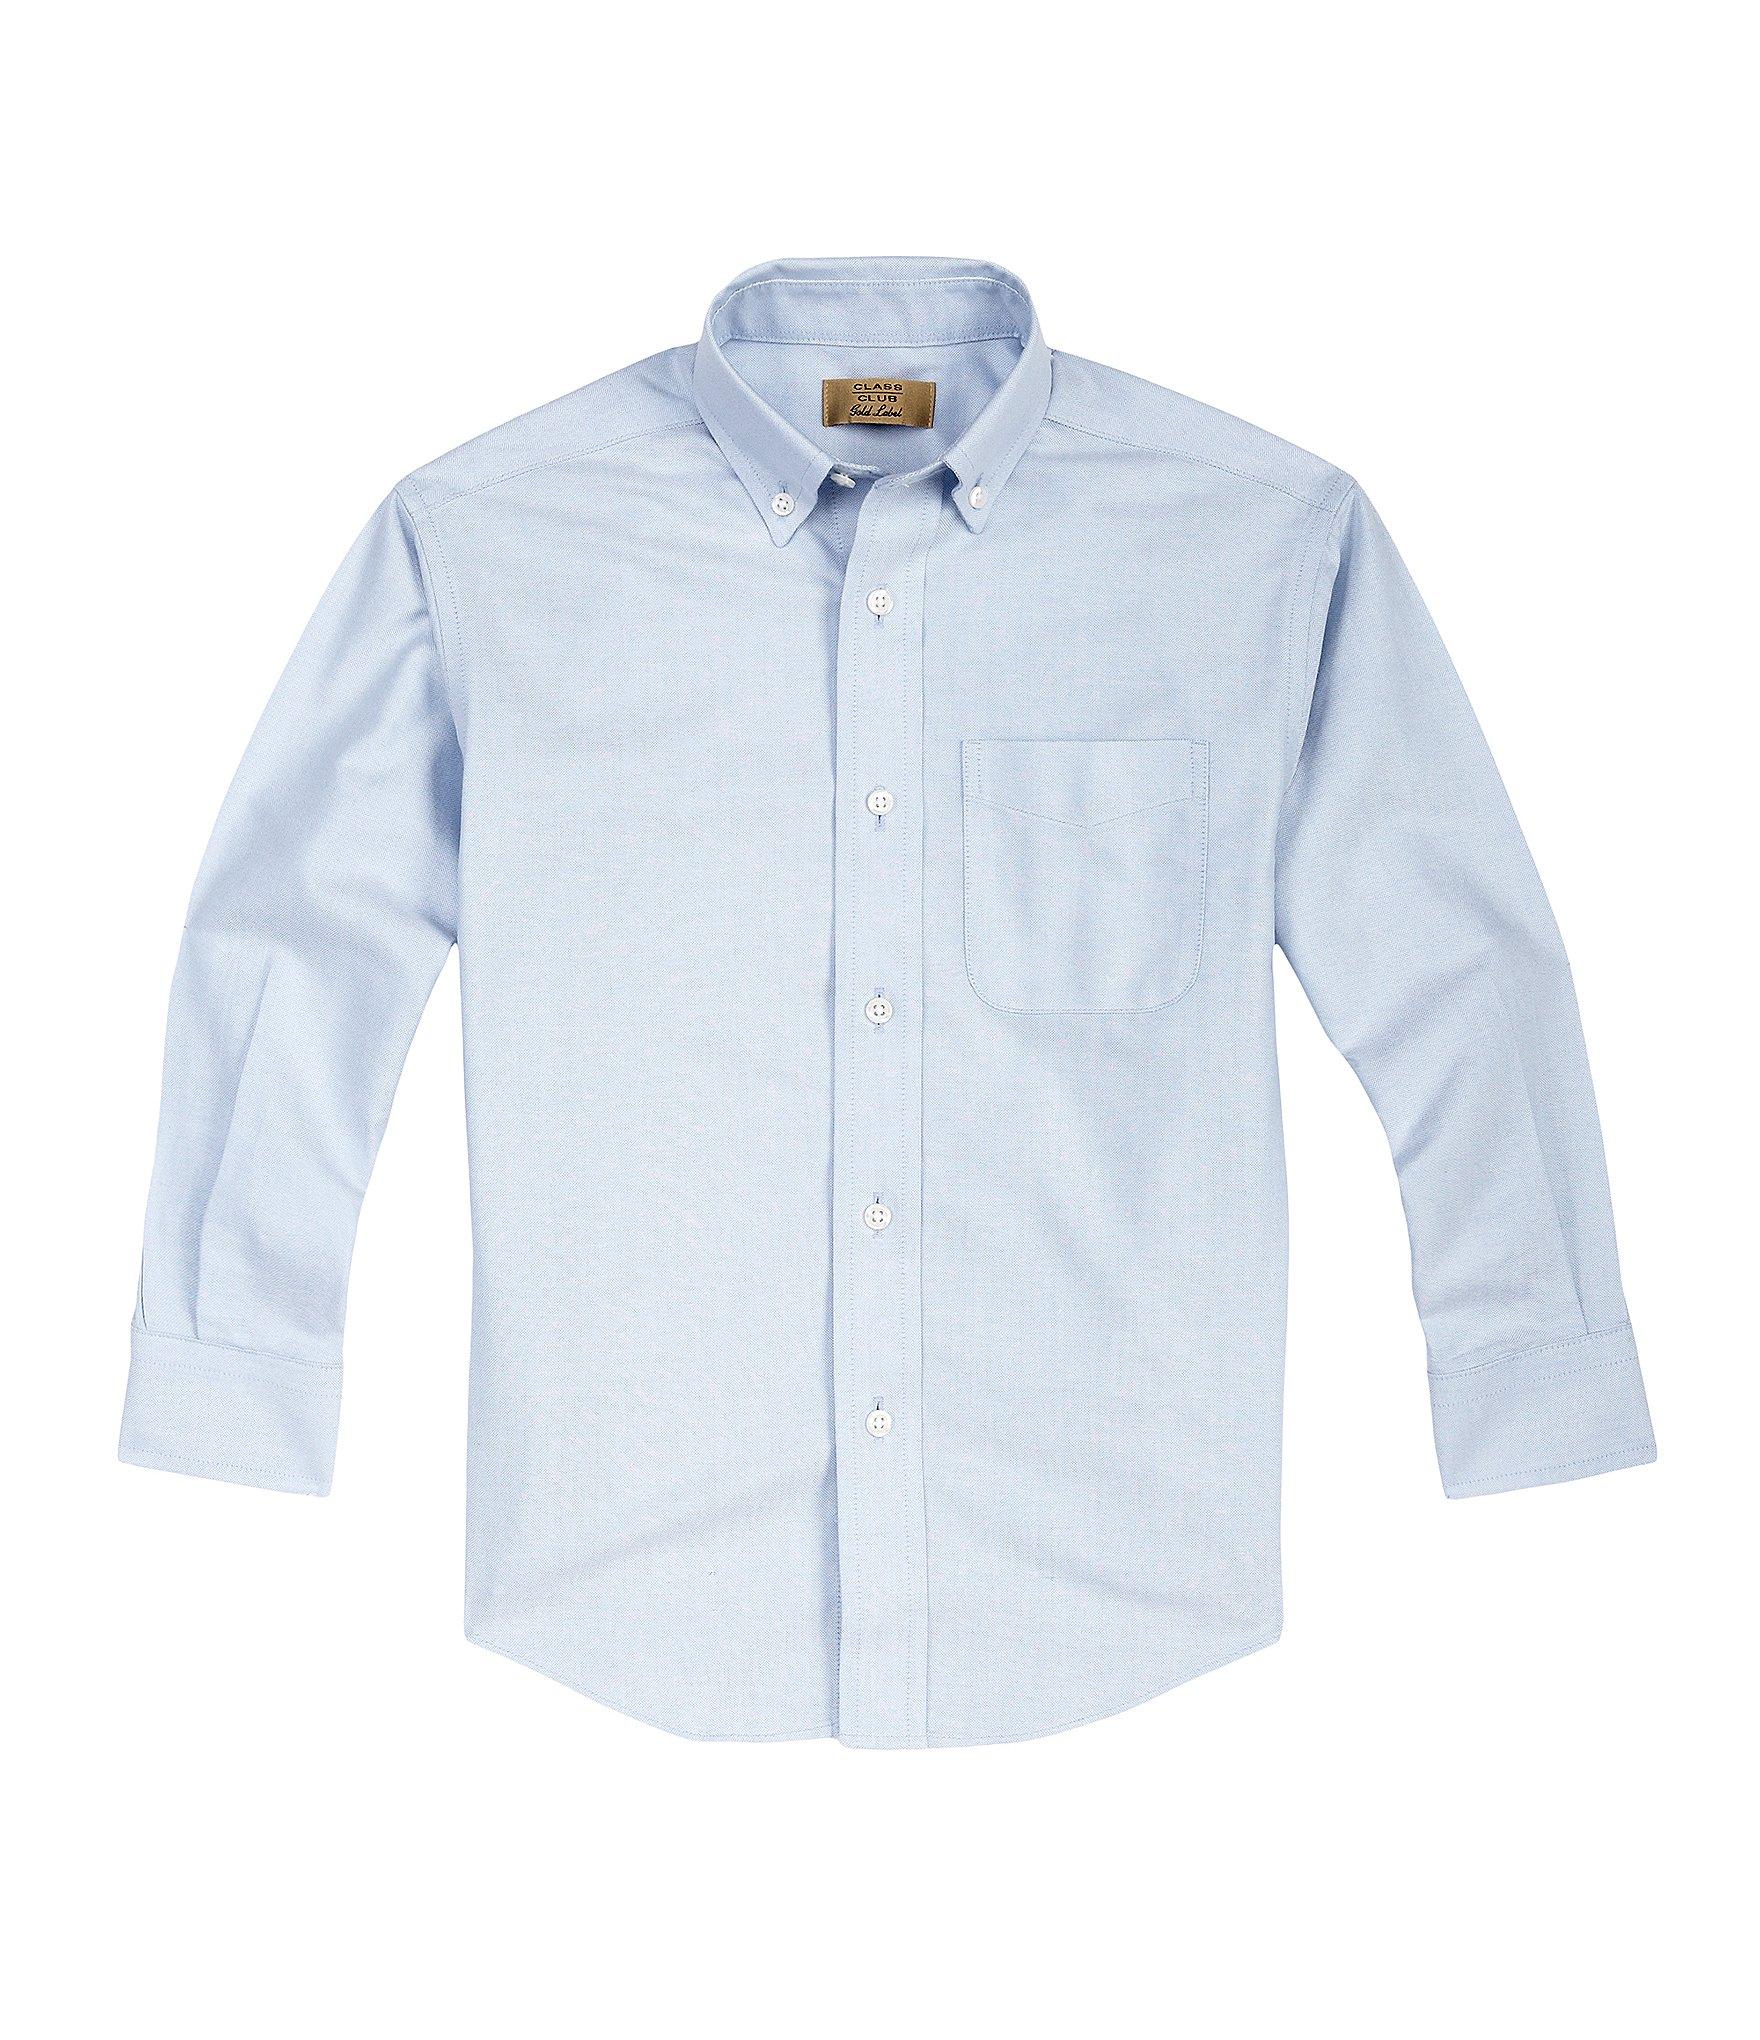 Extrêmement Kids | Boys | Shirts | Dillards.com FQ02